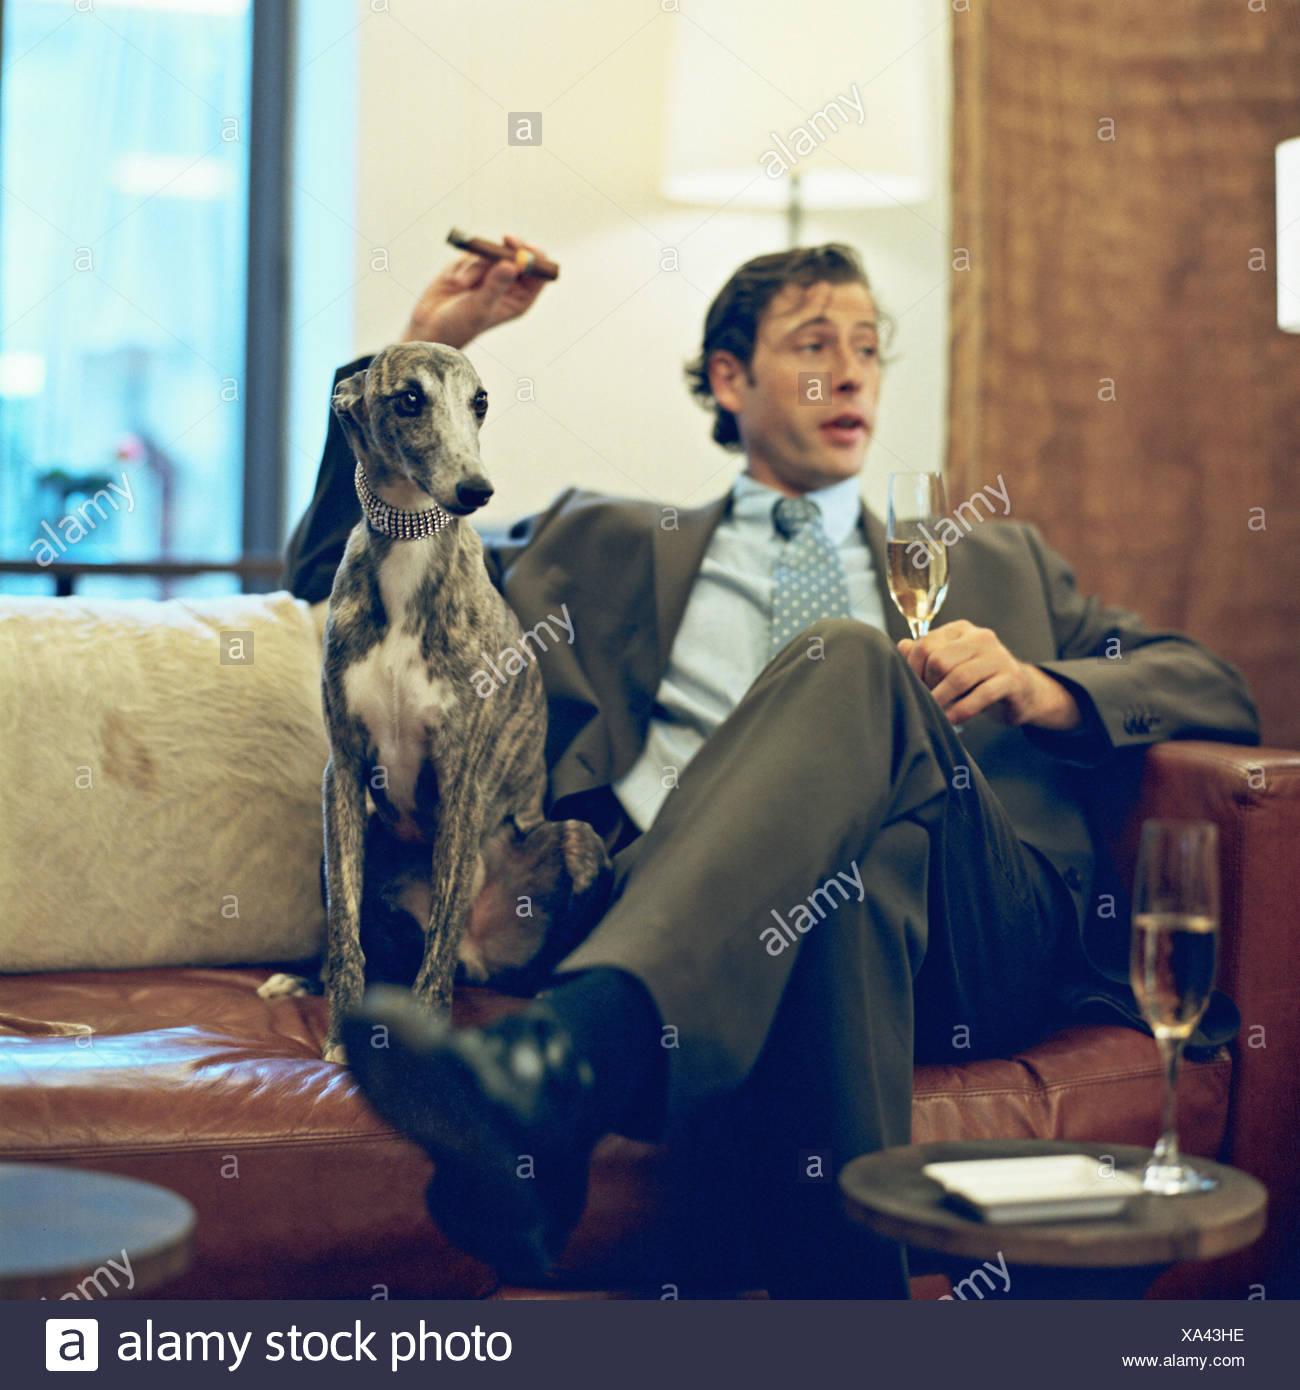 """Expresa tu momento """" in situ """" con una imagen - Página 39 Salon-sofa-hombre-cigarros-humo-copa-de-champana-el-perro-el-whippet-salon-sala-de-fumadores-lujo-snob-exclusivamente-lujosamente-vidas-de-lujo-riqueza-copa-de-champana-champagne-vino-espumoso-mamiferos-greyhound-mascota-perro-perro-acompanante-anima-xa43he"""